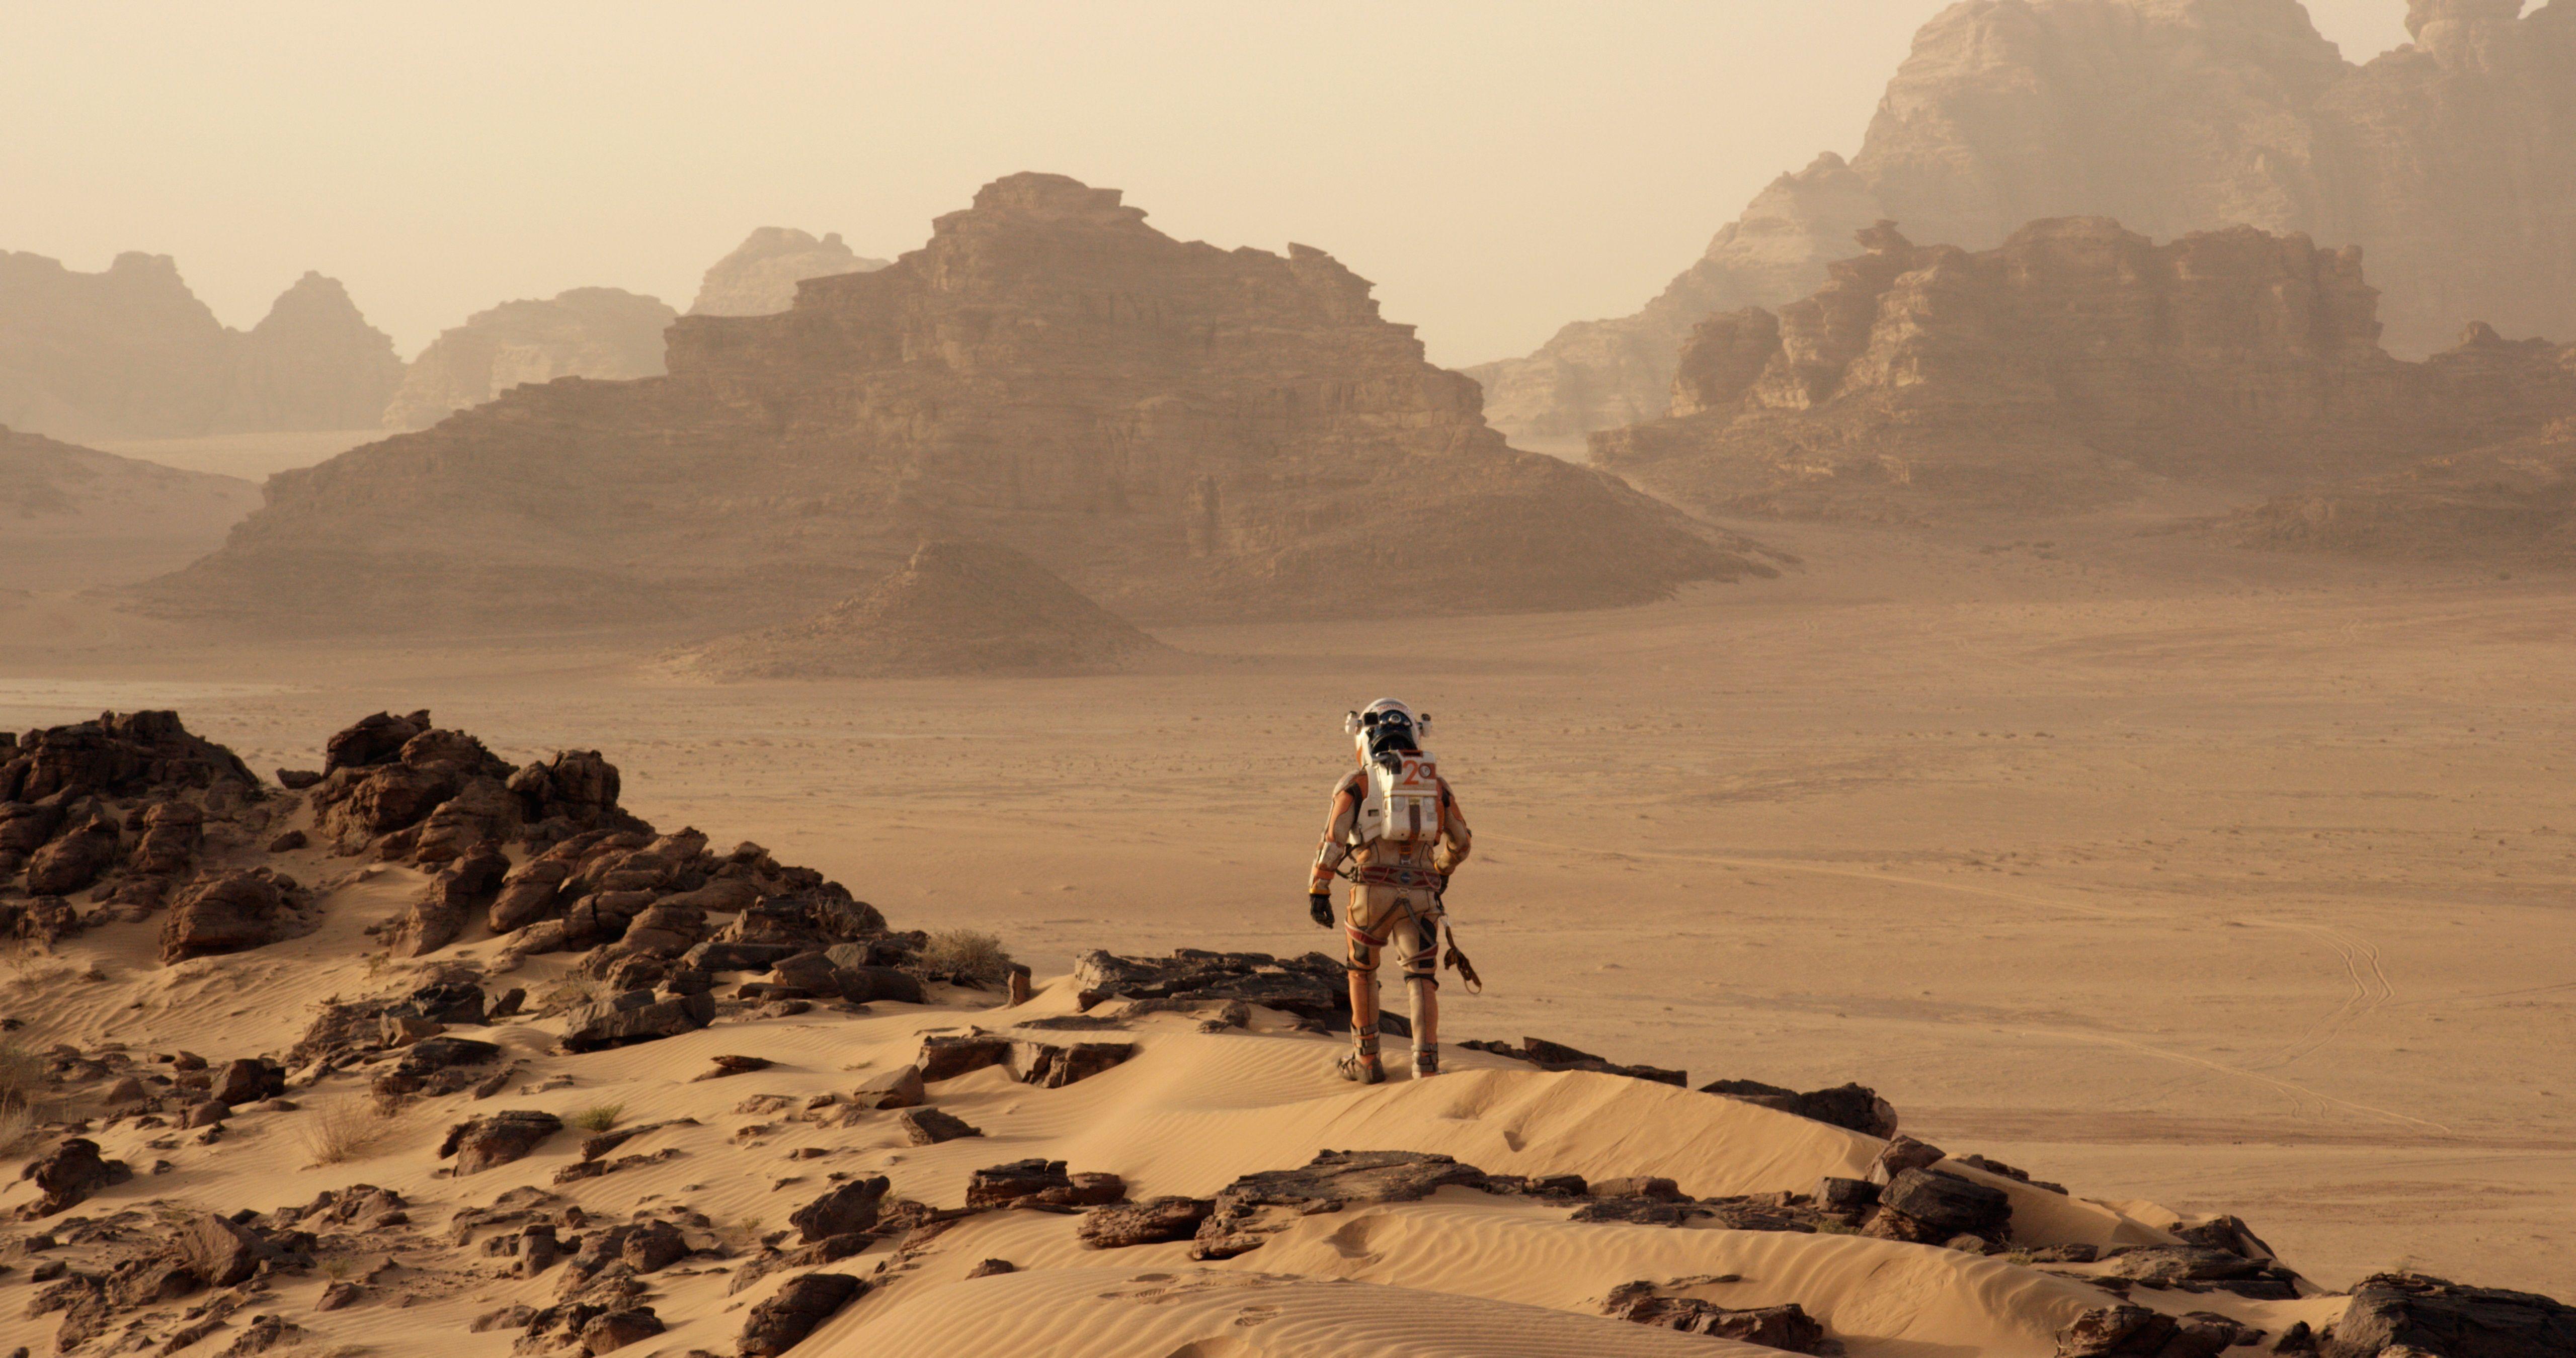 """Hoje é dia de estreia no #cinema! Esqueçam o espaço hostil de """"Alien"""" (1979) e a distopia de """"Blade Runner"""" (1982). O futuro que o diretor #RidleyScott nos apresenta em """"Perdido em #Marte"""" é outro: divertido e cheio de esperança. Foto: Divulgação."""